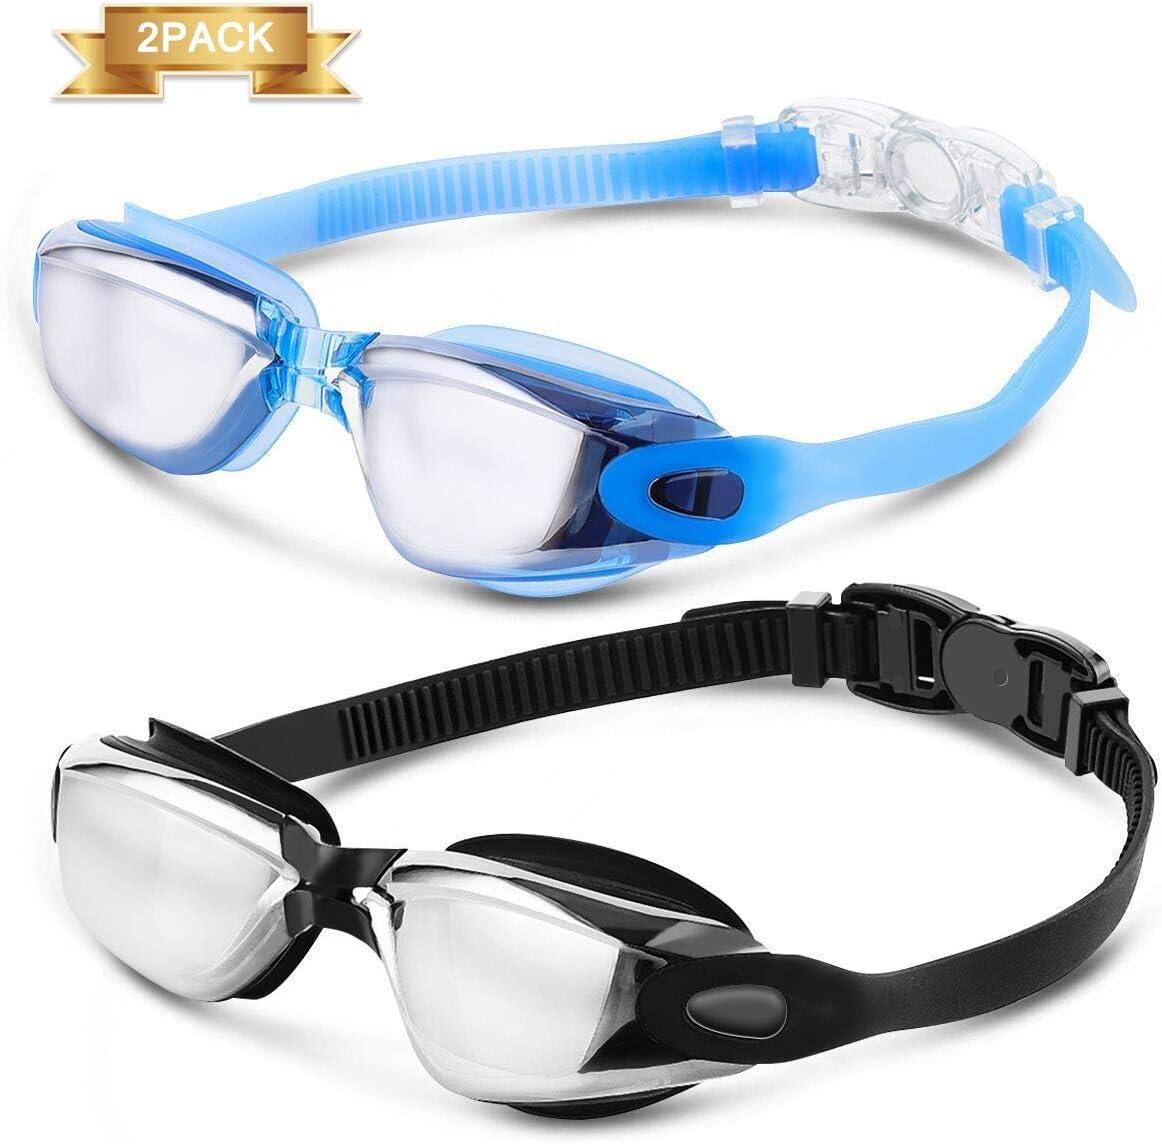 Gafas de natación, lentes de espejo tintadas antivaho CAMTOA protección UV parahombres, regalo cuatro almohadillas nasales de gafas y dos pares de tapones para los oídos, paquete de 2, negro, azul